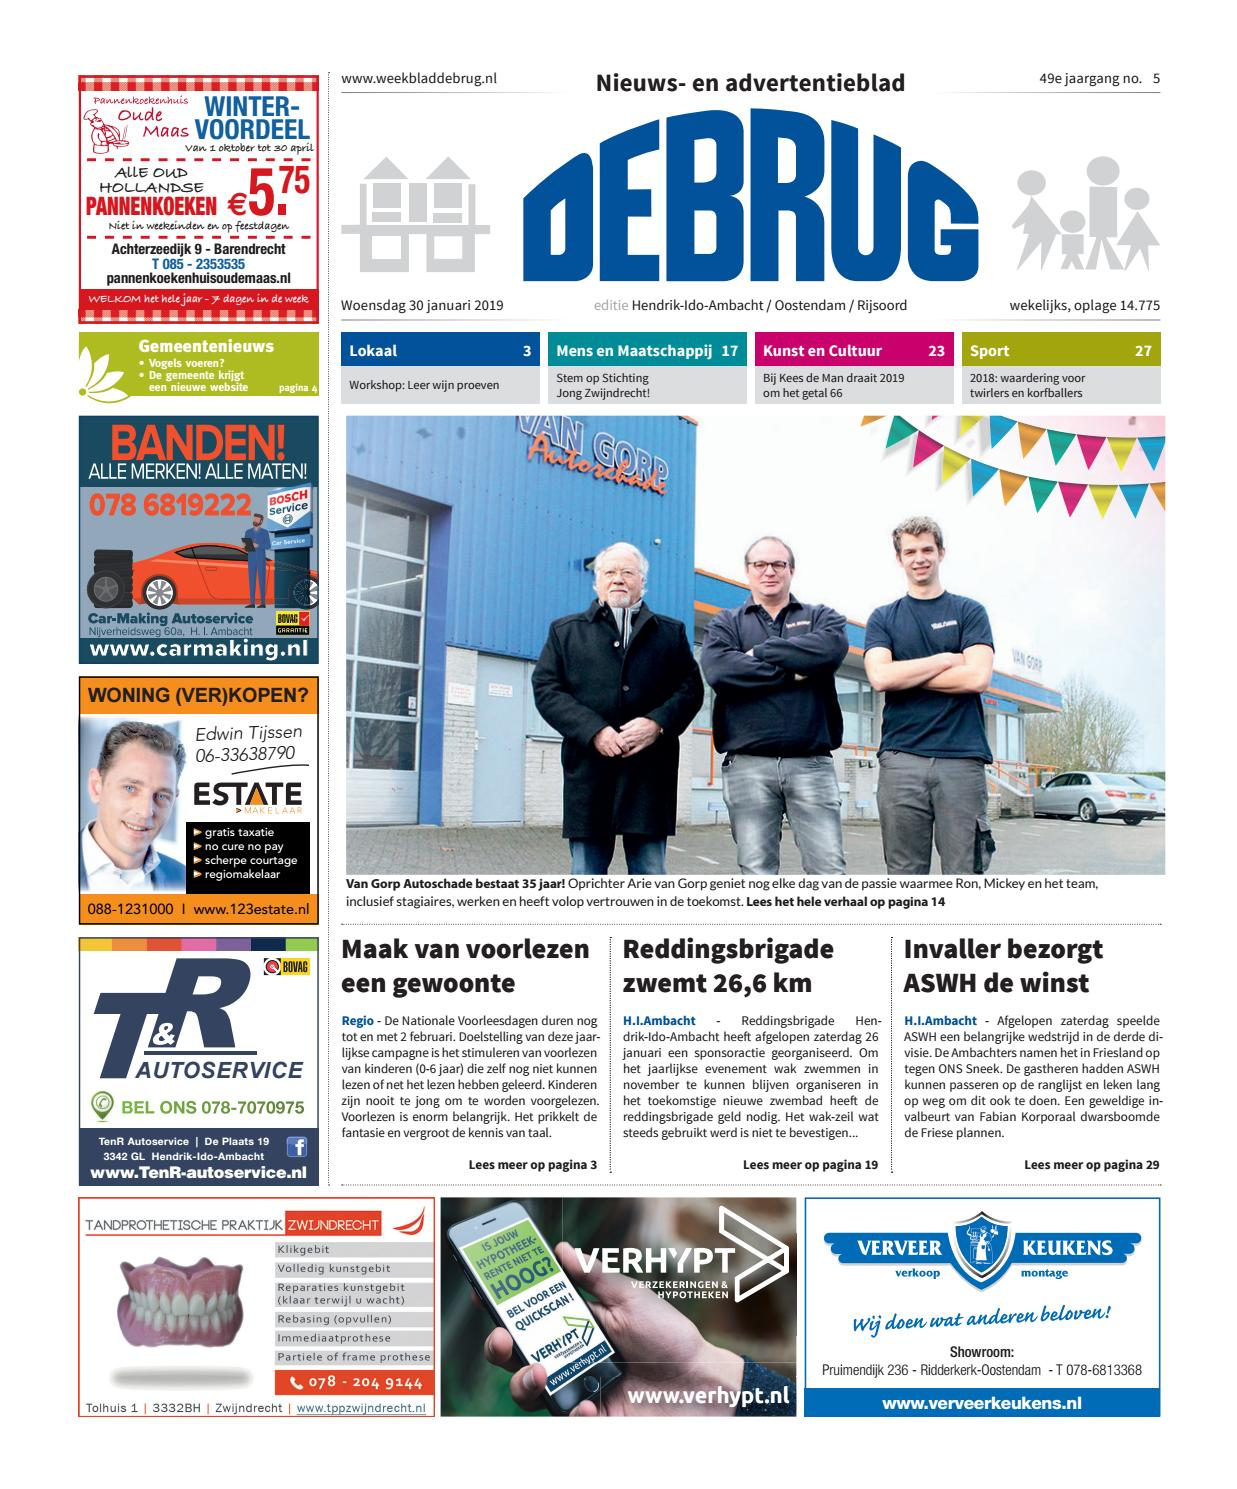 12cba1b966ab9 Weekblad De Brug - week 5 2019 (editie Hendrik-Ido-Ambacht) by Uitgeverij  De Brug - issuu